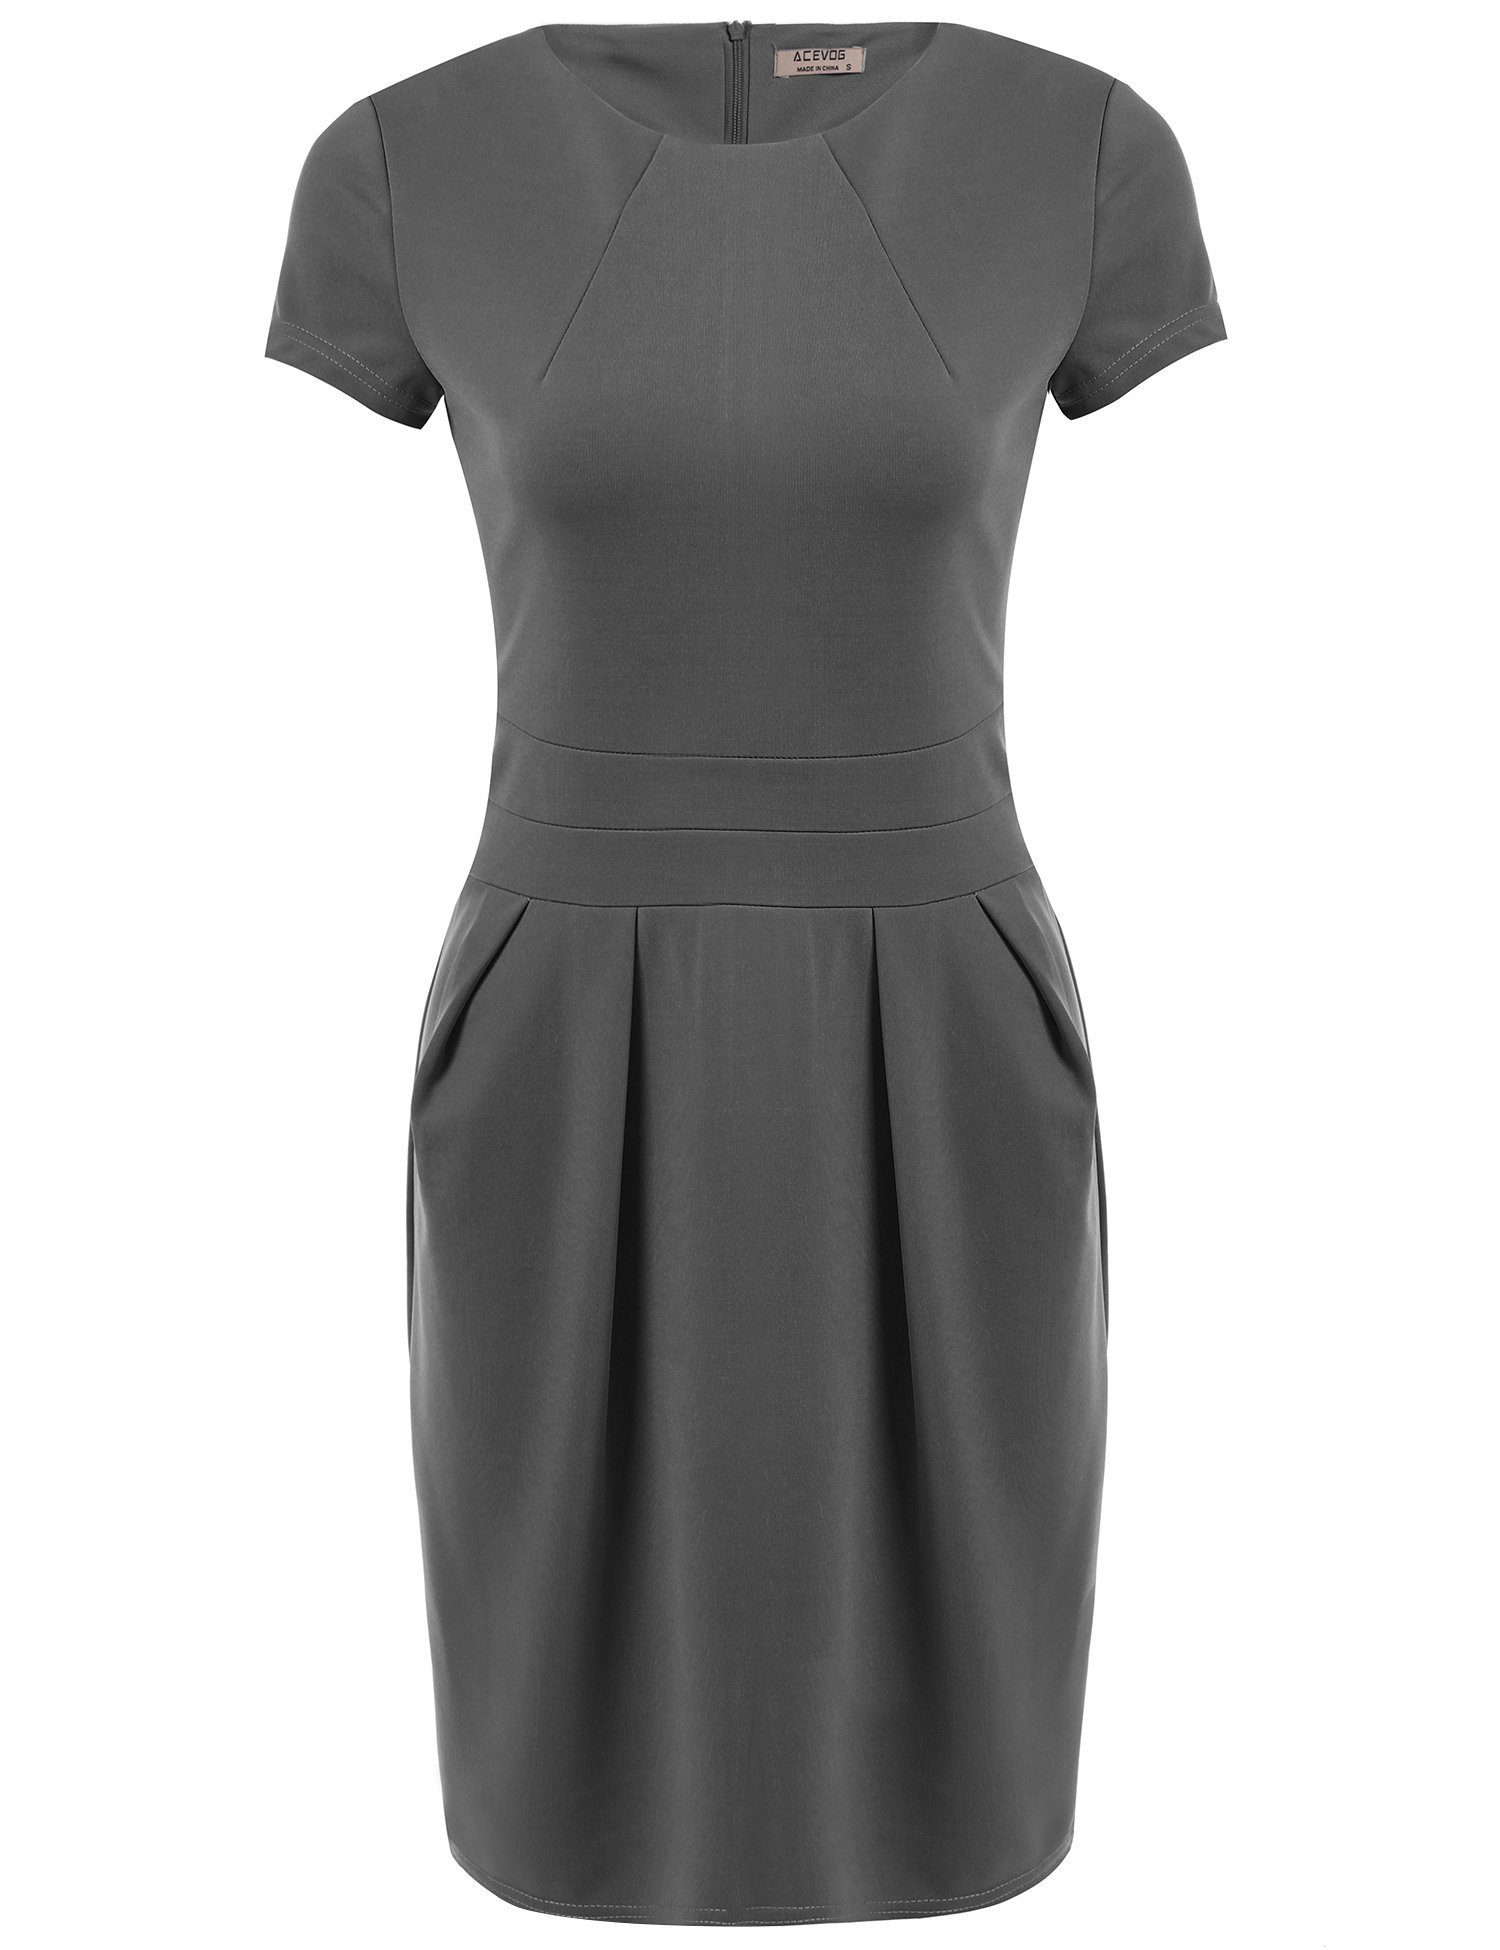 ACEVOG Women's Official Wear to Work Retro Business Bodycon Pencil Dress,Grey,XXL